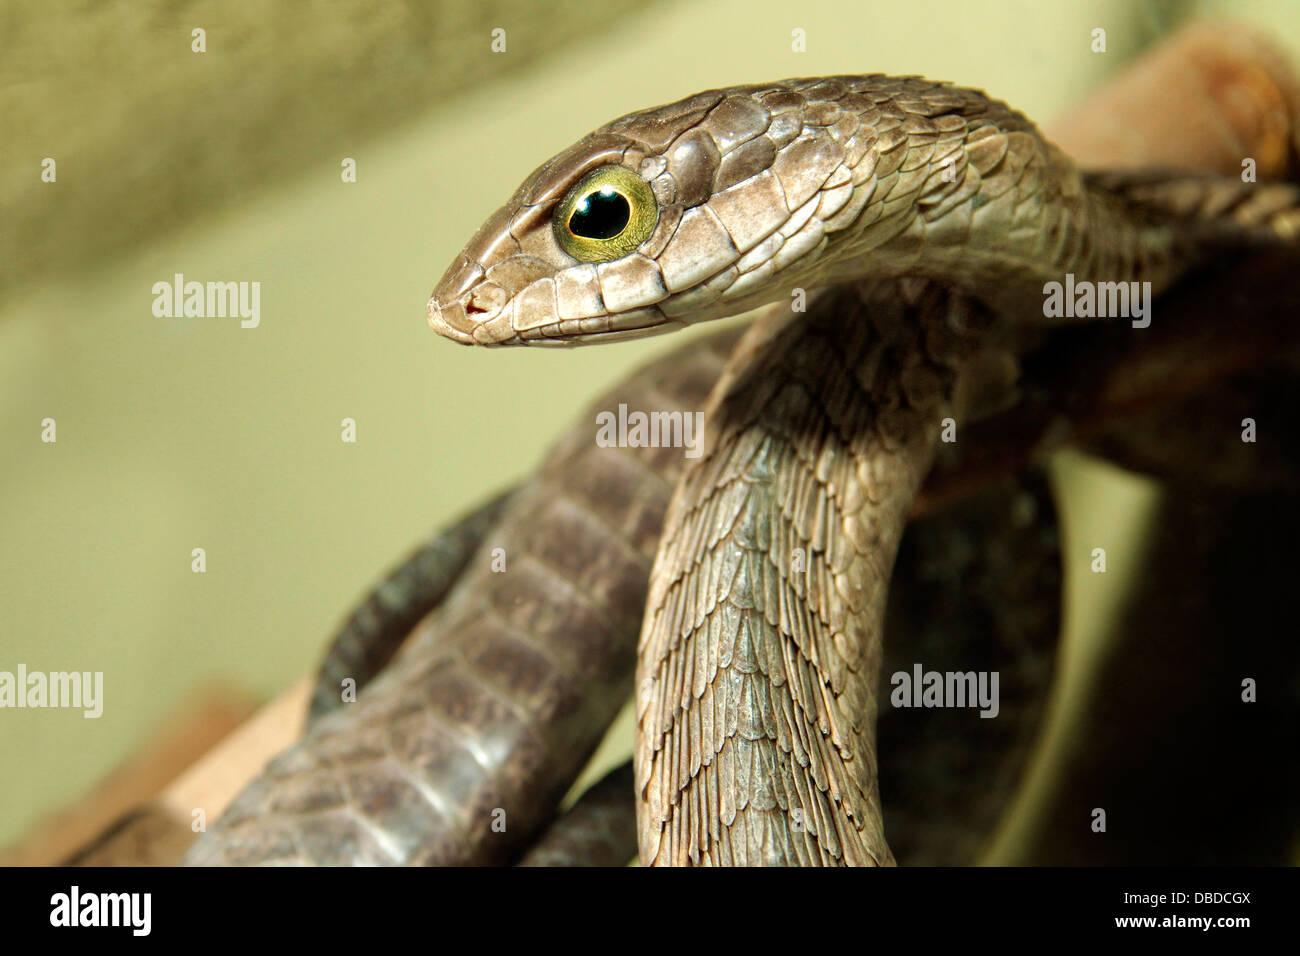 Le boomslang serpent ou est un serpent timide et la plupart des morsures se produisent lorsque les gens tentent Photo Stock